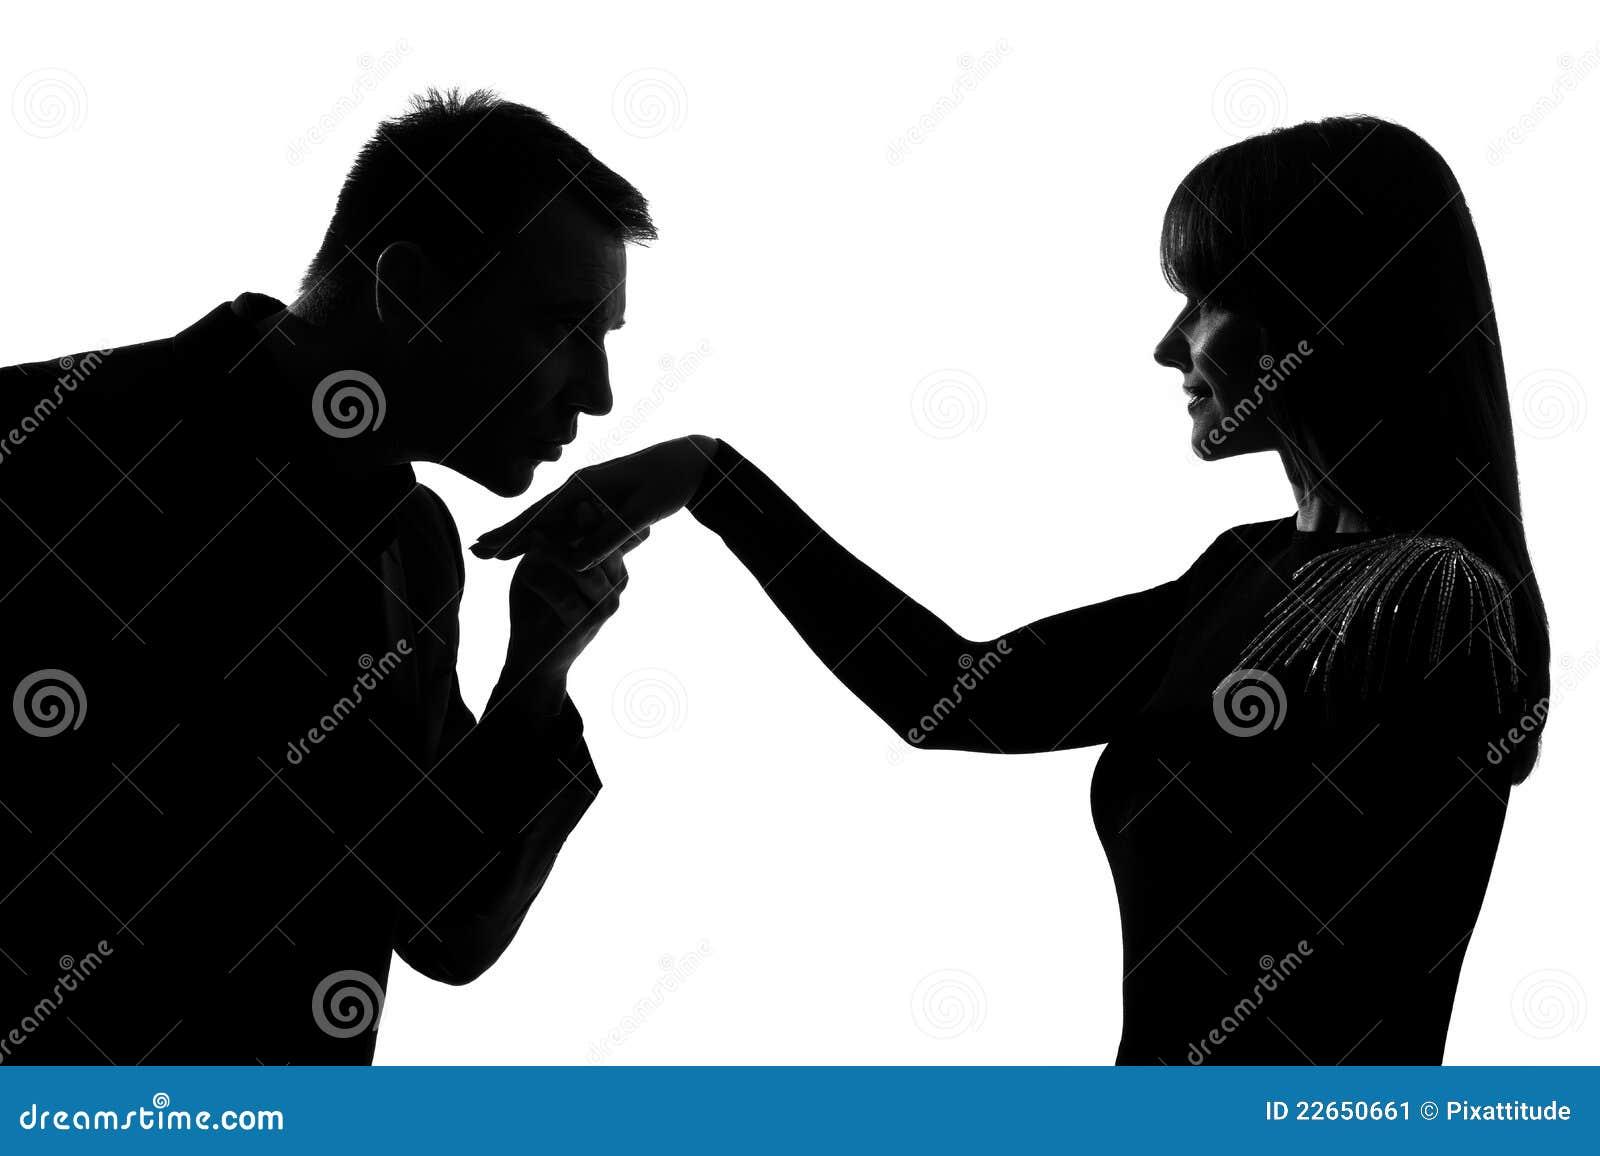 one couple